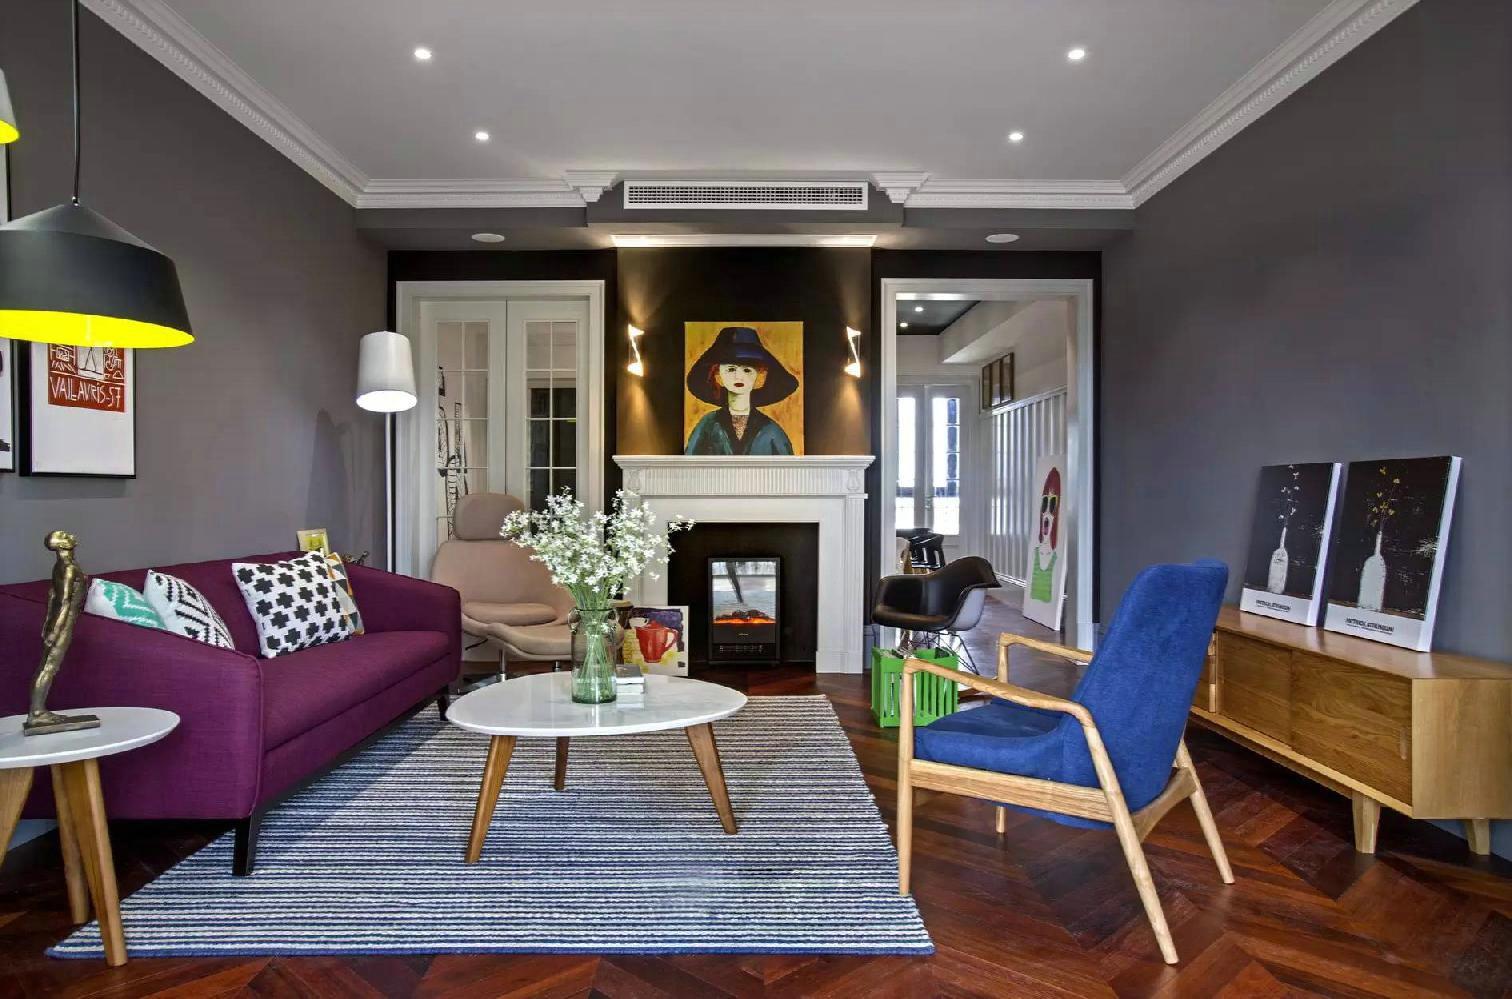 简约 北欧 三居 小资 客厅图片来自别墅设计师杨洋在北欧简约混搭色彩案例的分享